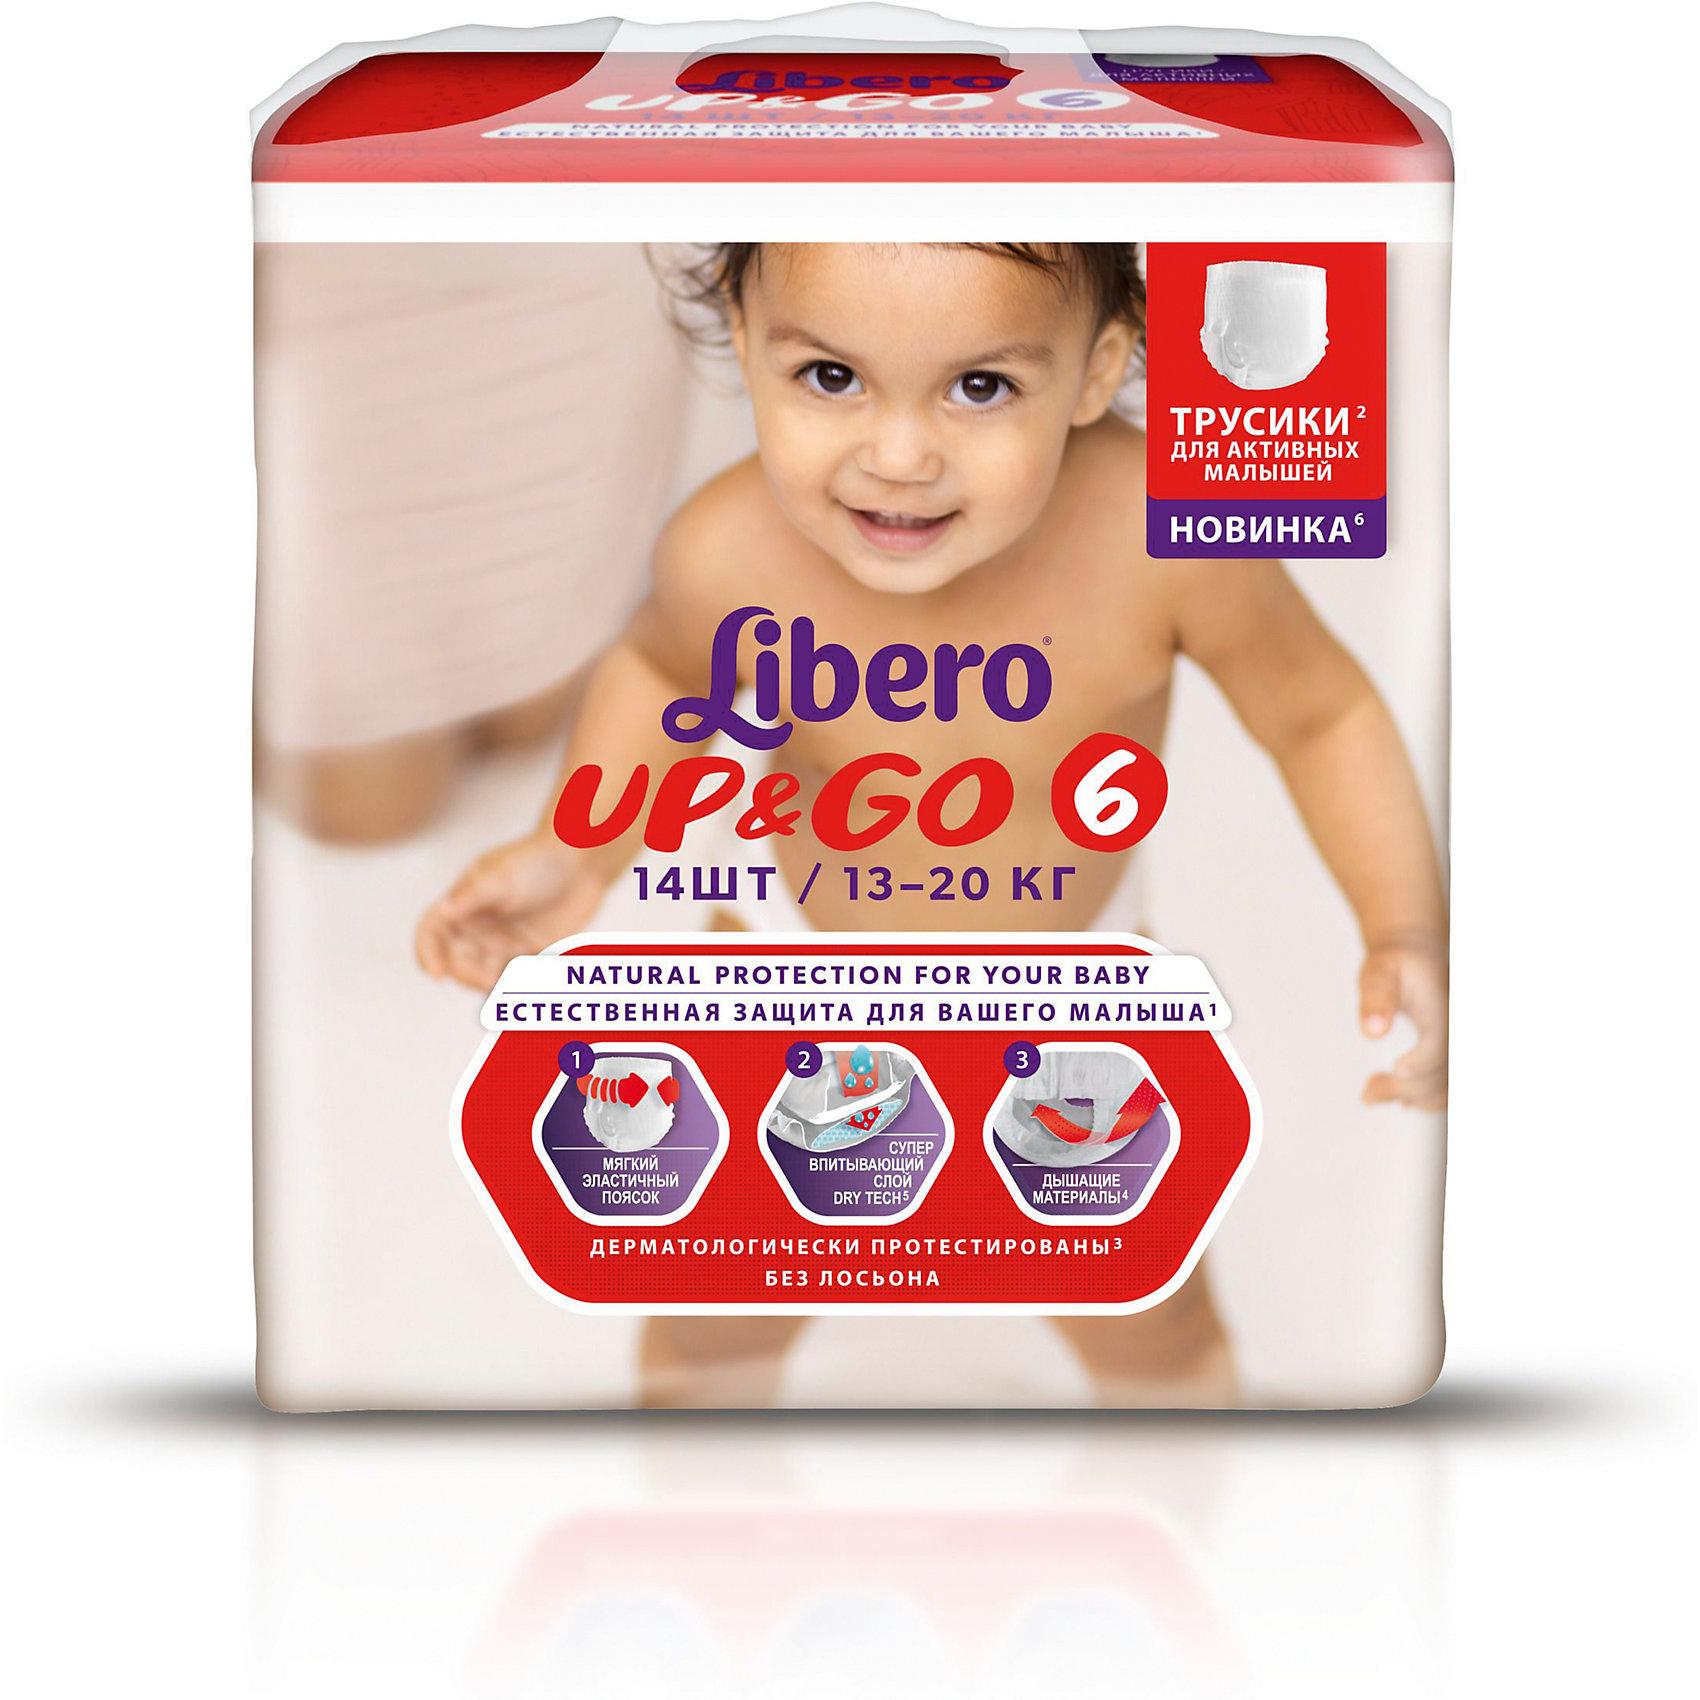 Трусики UpGo, XL 13-20 кг (6), 14 шт., Libero